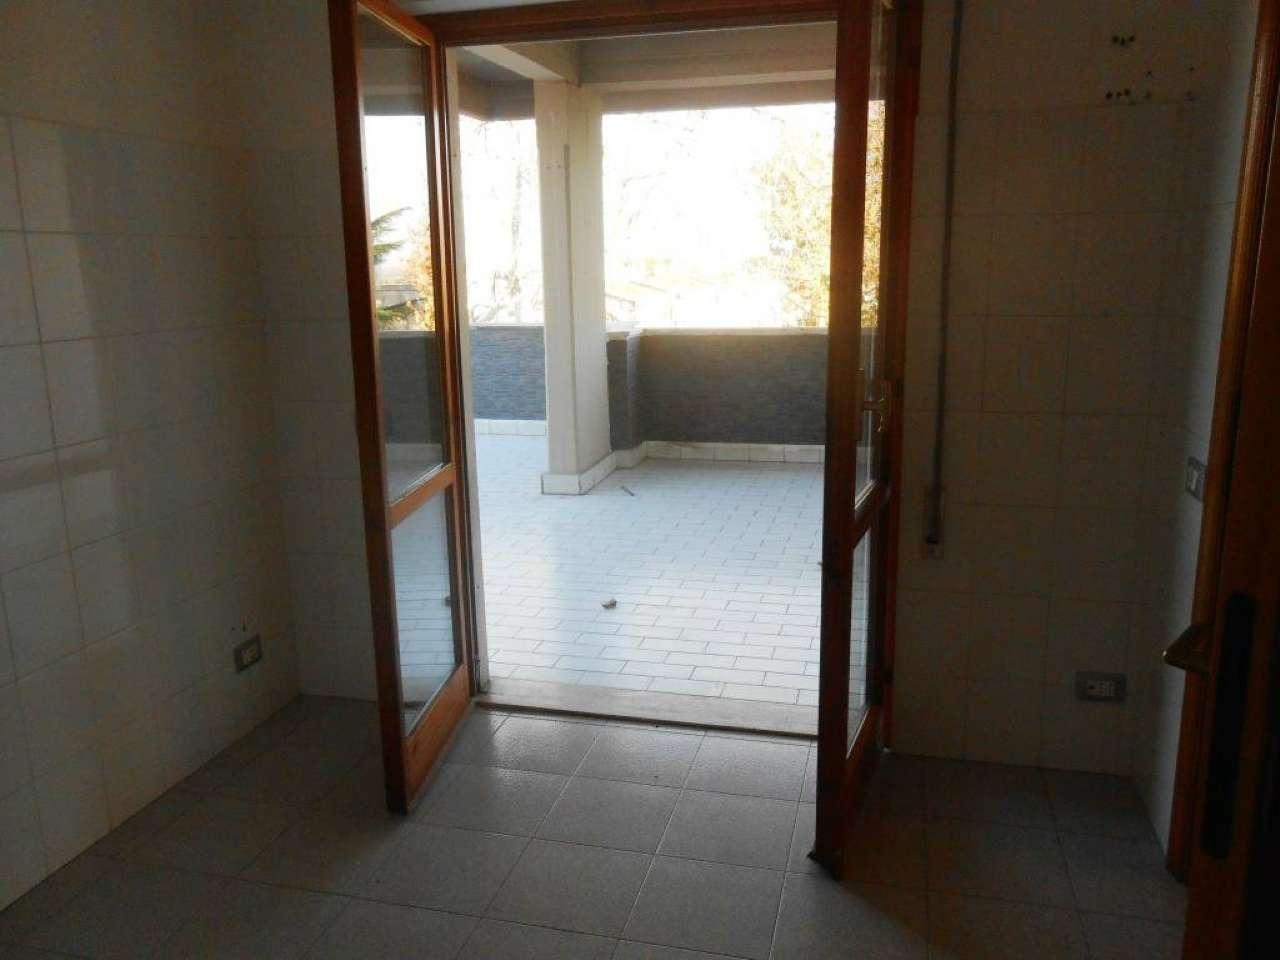 Attico / Mansarda in affitto a Anzio, 3 locali, prezzo € 500 | Cambio Casa.it